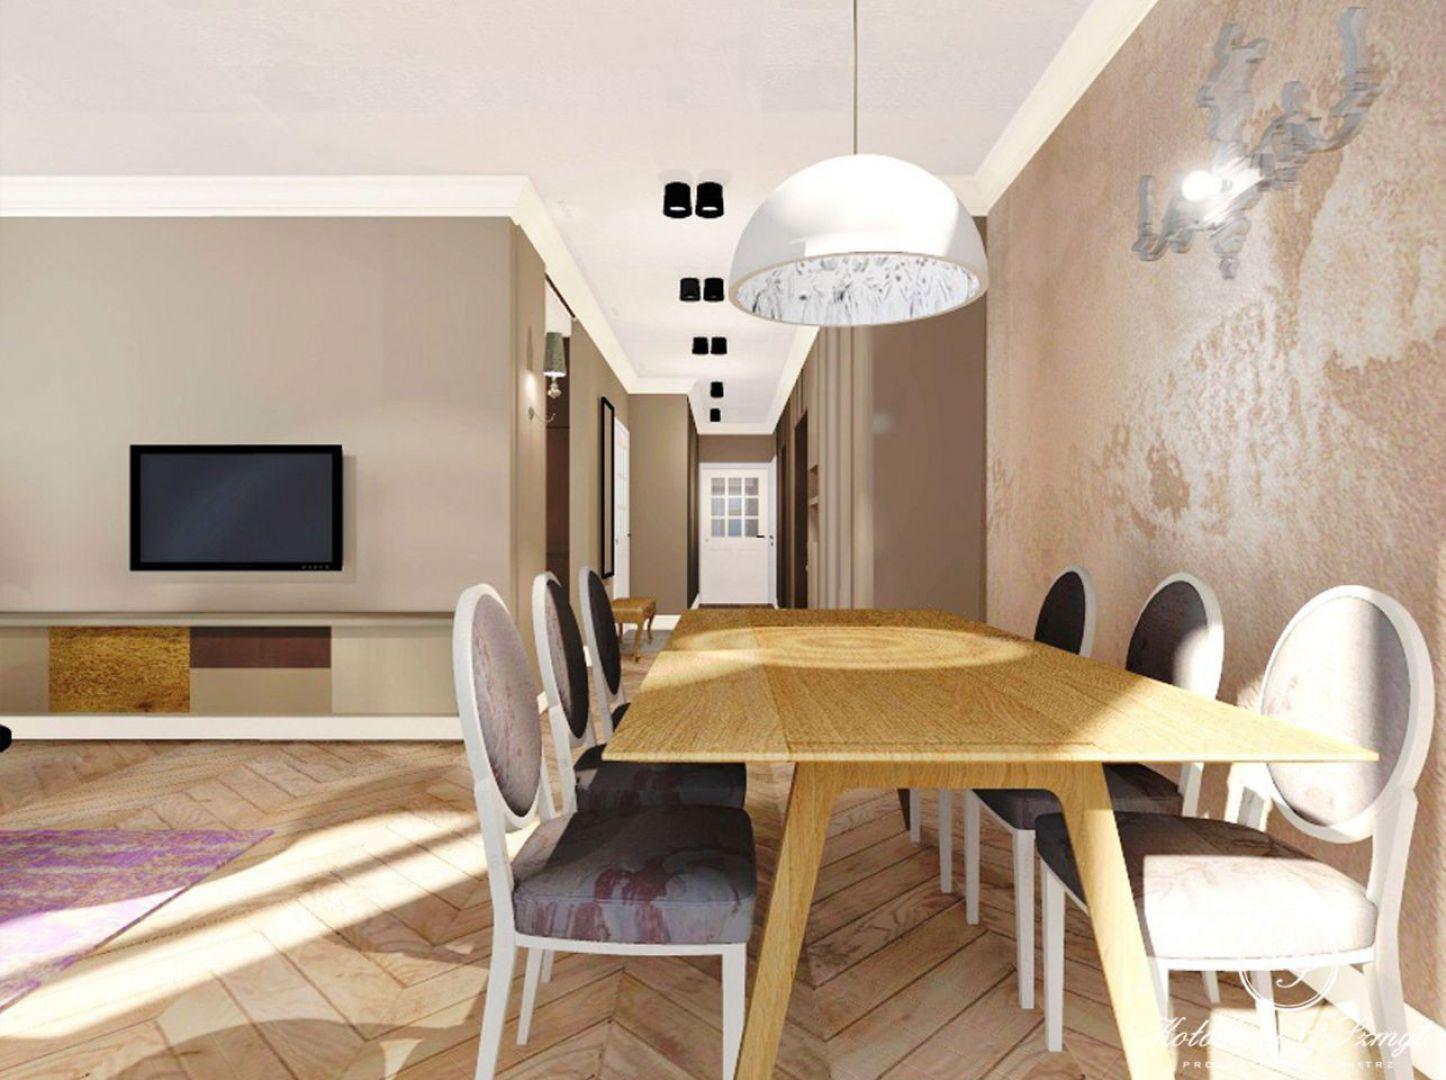 Projekt wnętrza apartamentu na warszawskim Ursynowie o powierzchni 115 m². Wnętrze jest nowoczesne ale Inwestorom zależało na kilku detalach retro. Fot. Archiwum Archiconnect